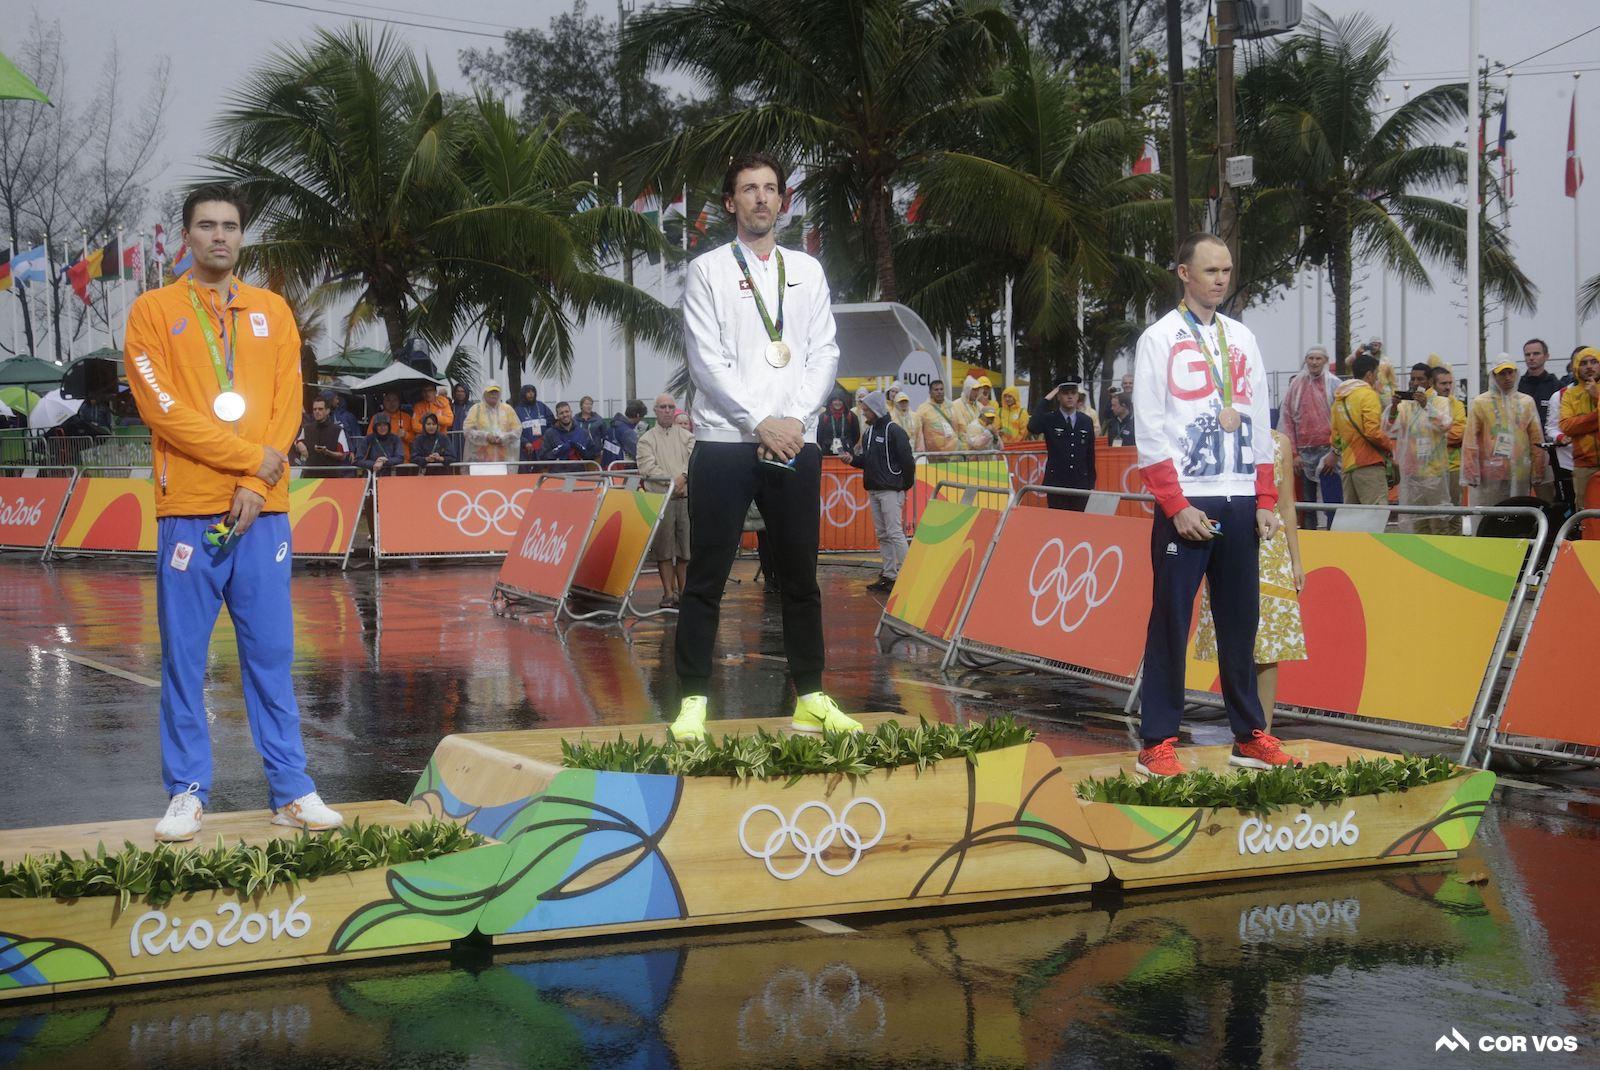 Olympische Spelen in Tokio worden waarschijnlijk geannuleerd: rapport